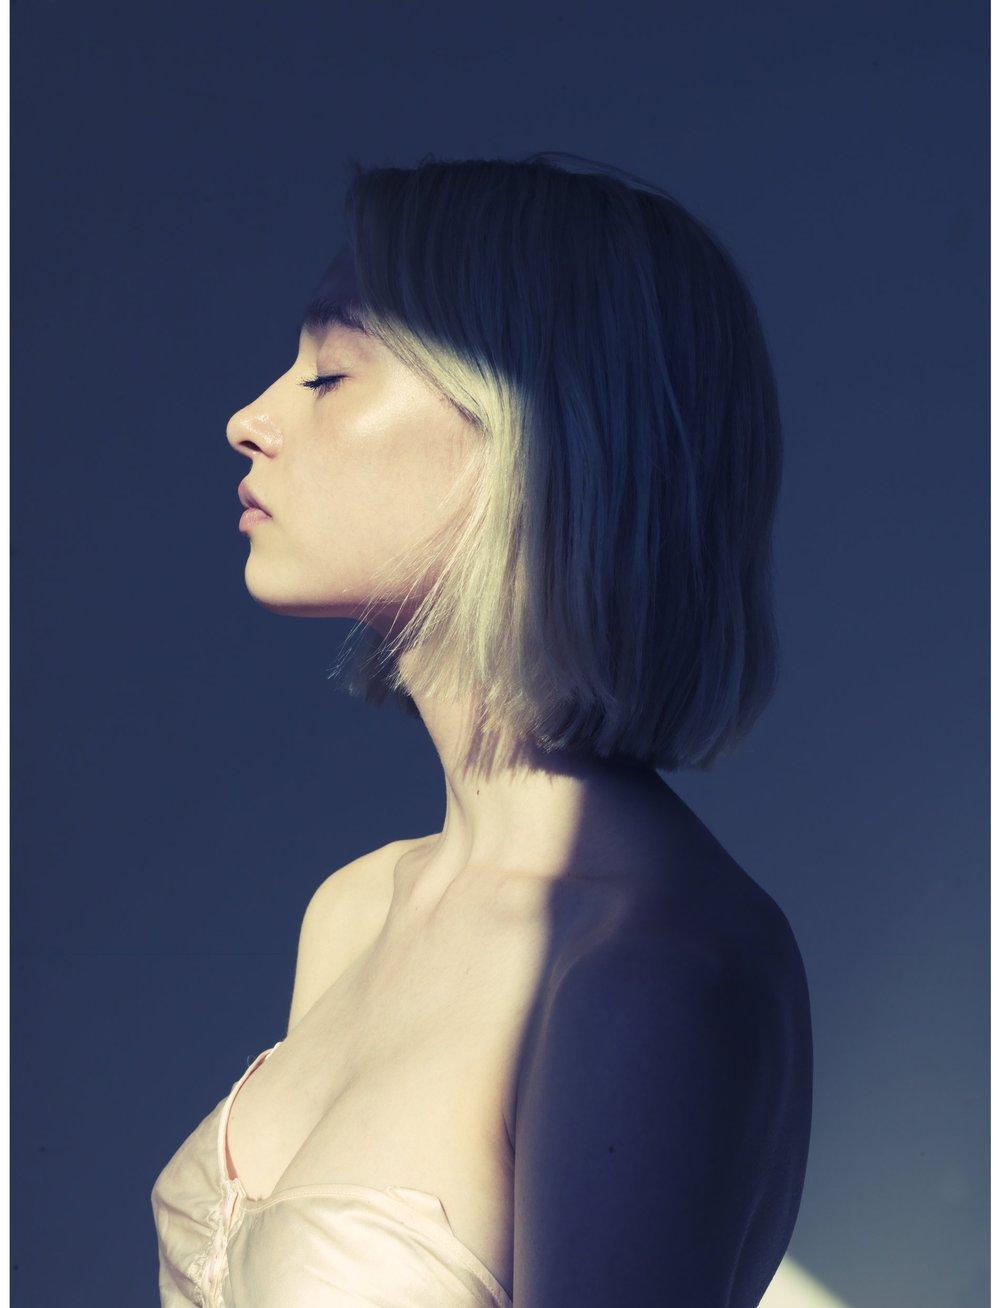 LARISSA | MODEL